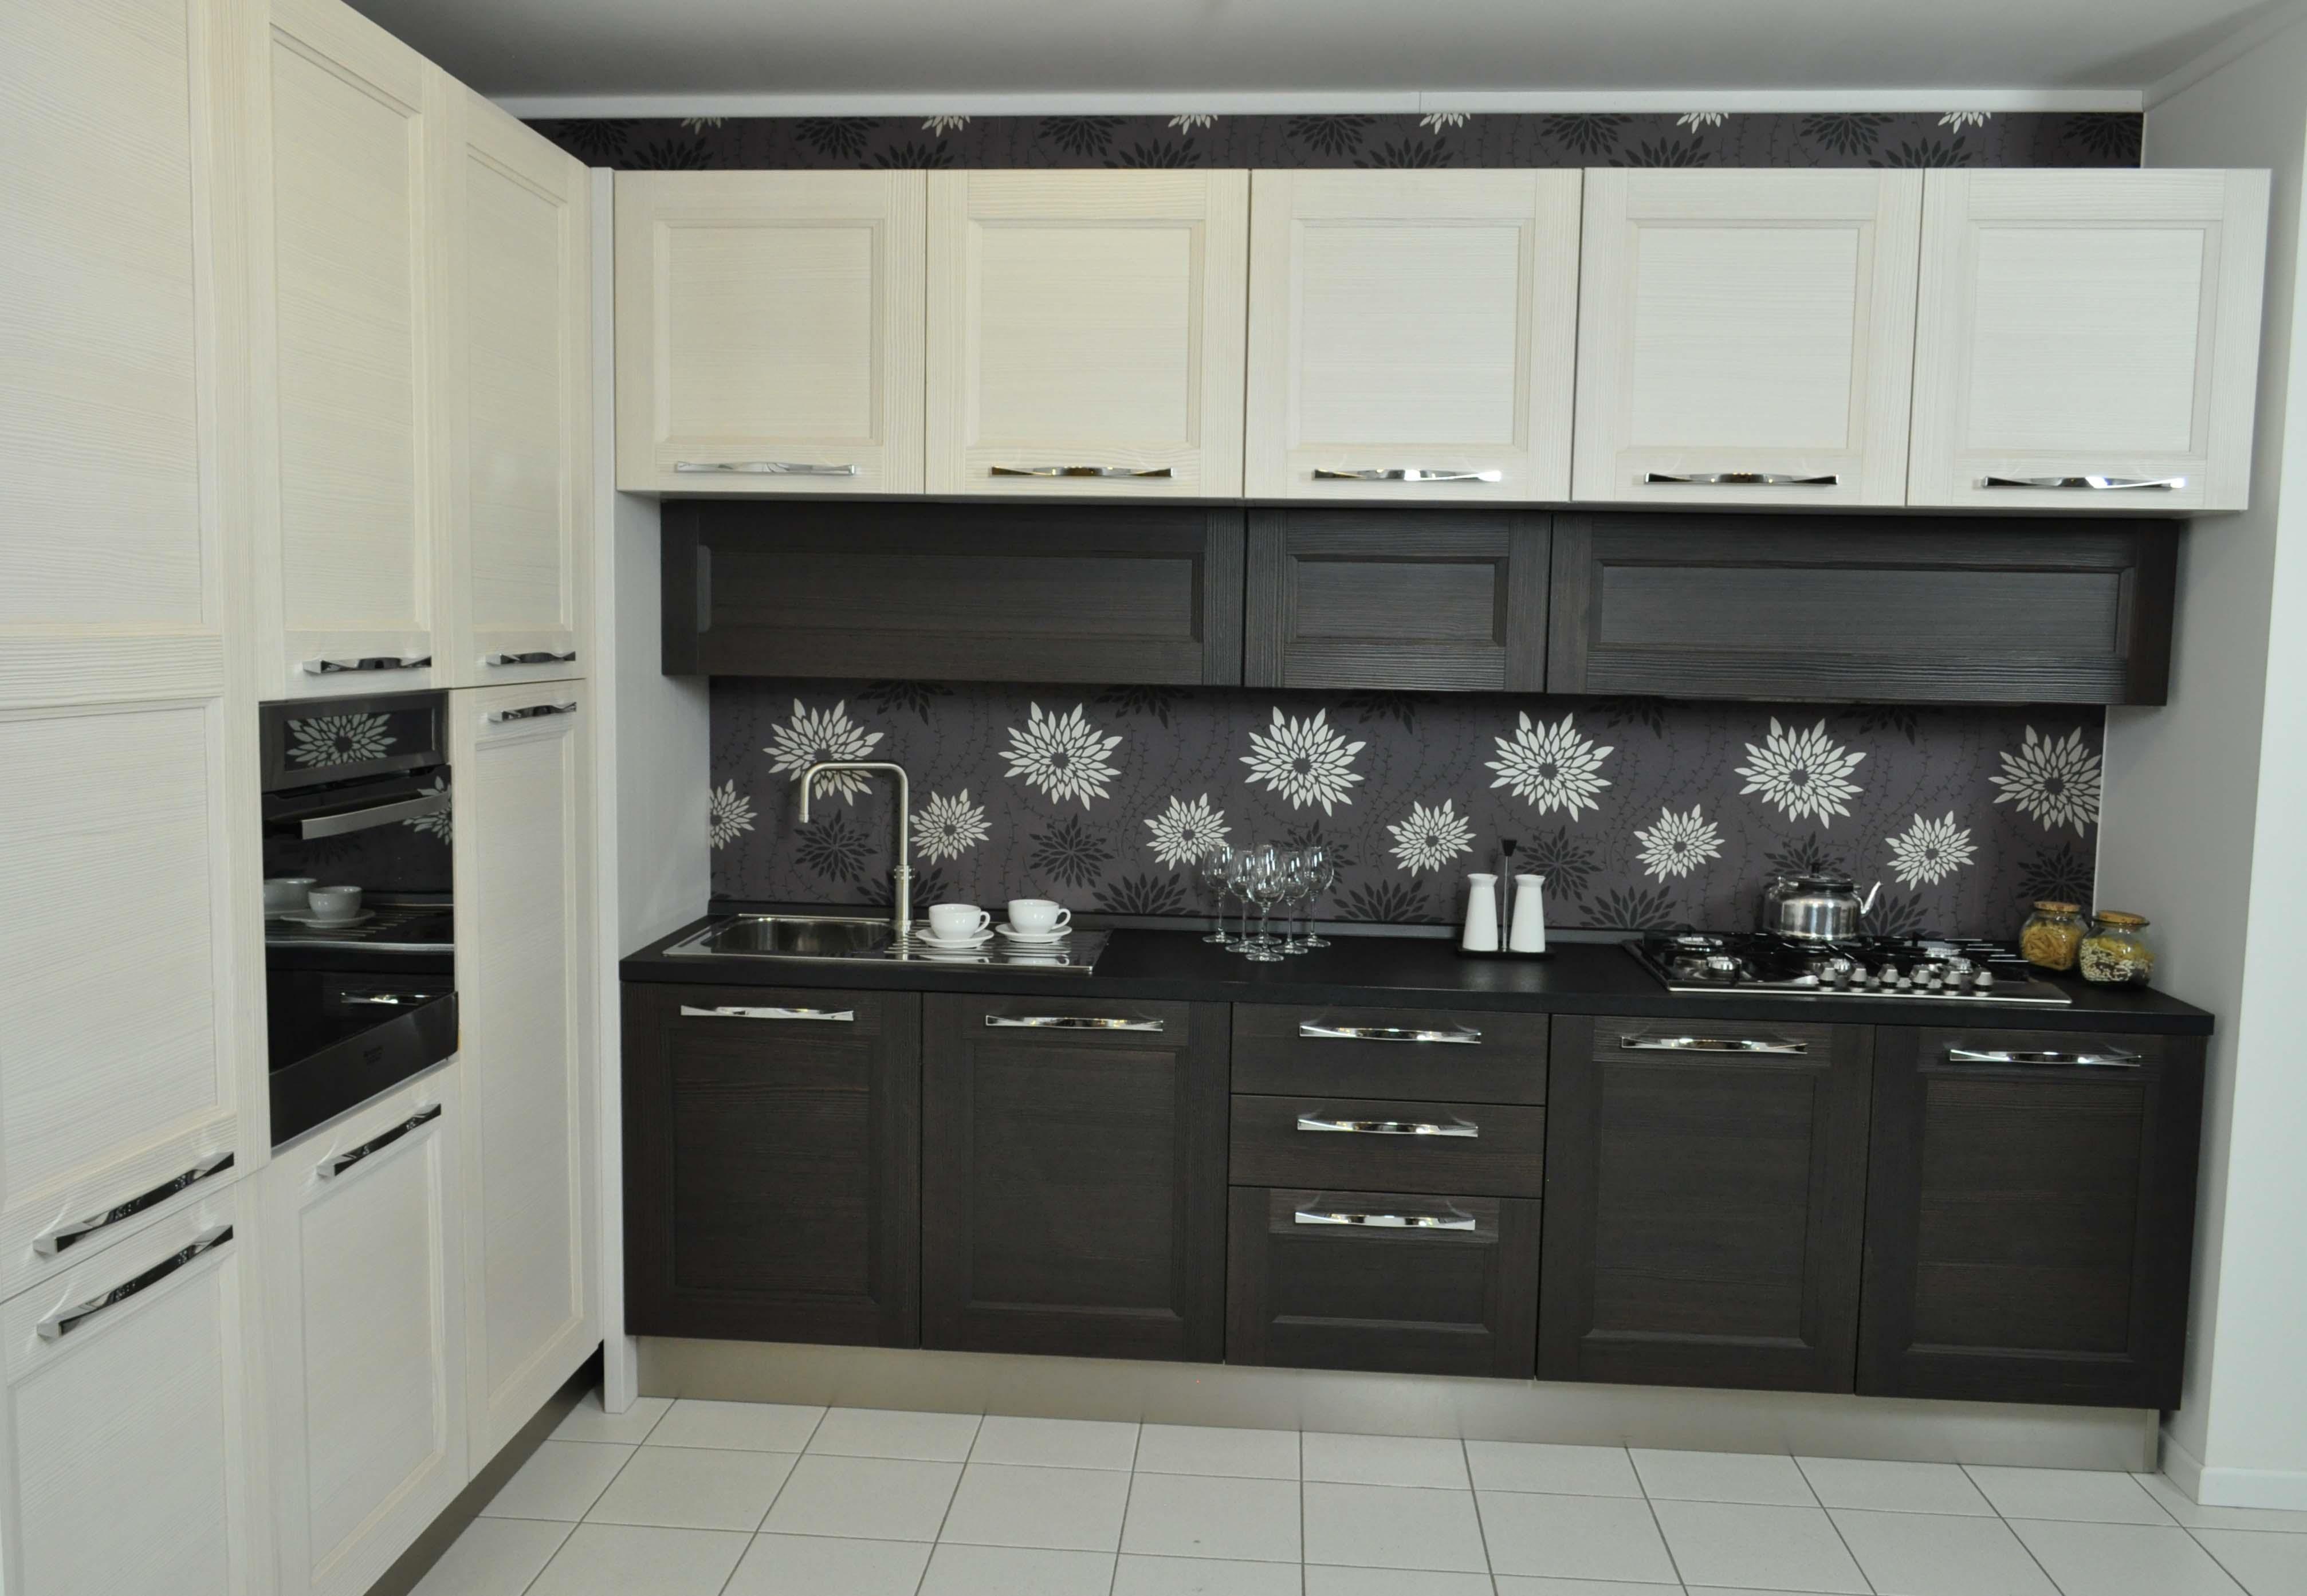 Cucina lube modello georgia completa di elettrodomestici e - Alta cucine opinioni ...